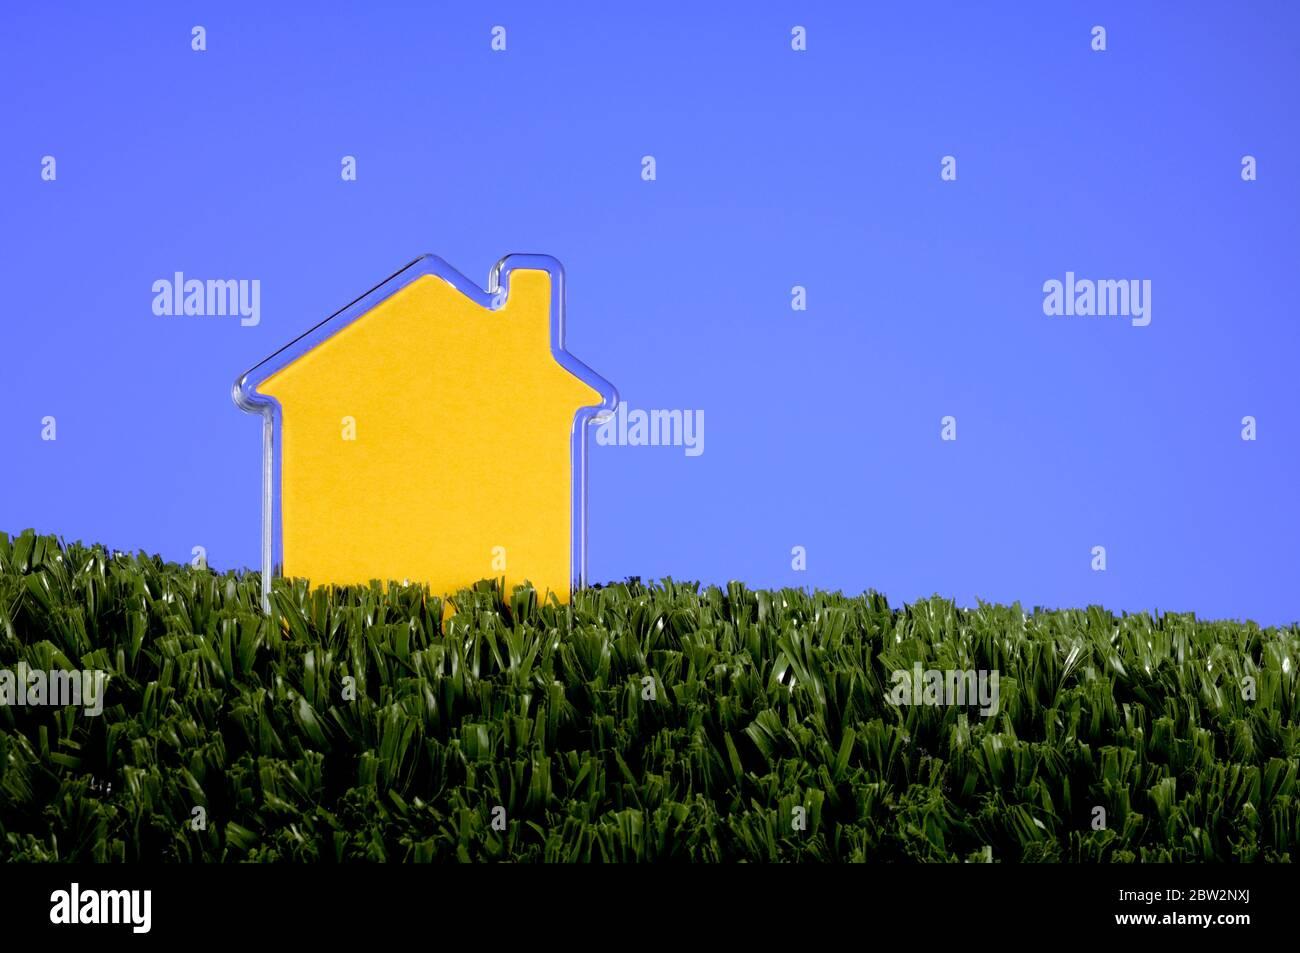 Une forme de maison en plastique jaune sur l'herbe artificielle verte Banque D'Images